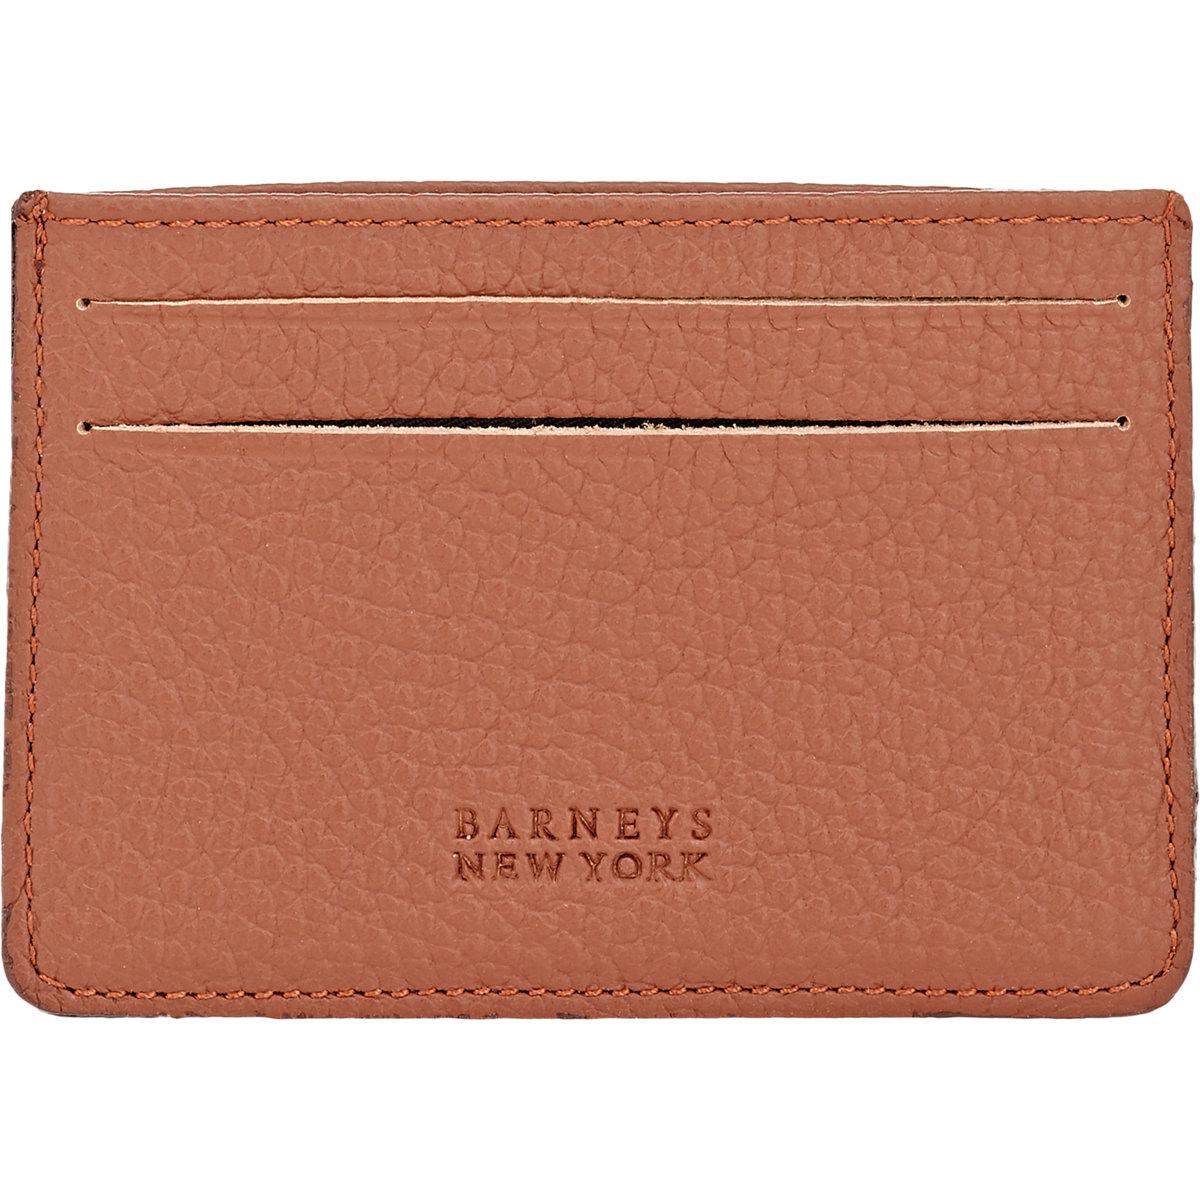 barneys new york card case in brown for men lyst. Black Bedroom Furniture Sets. Home Design Ideas